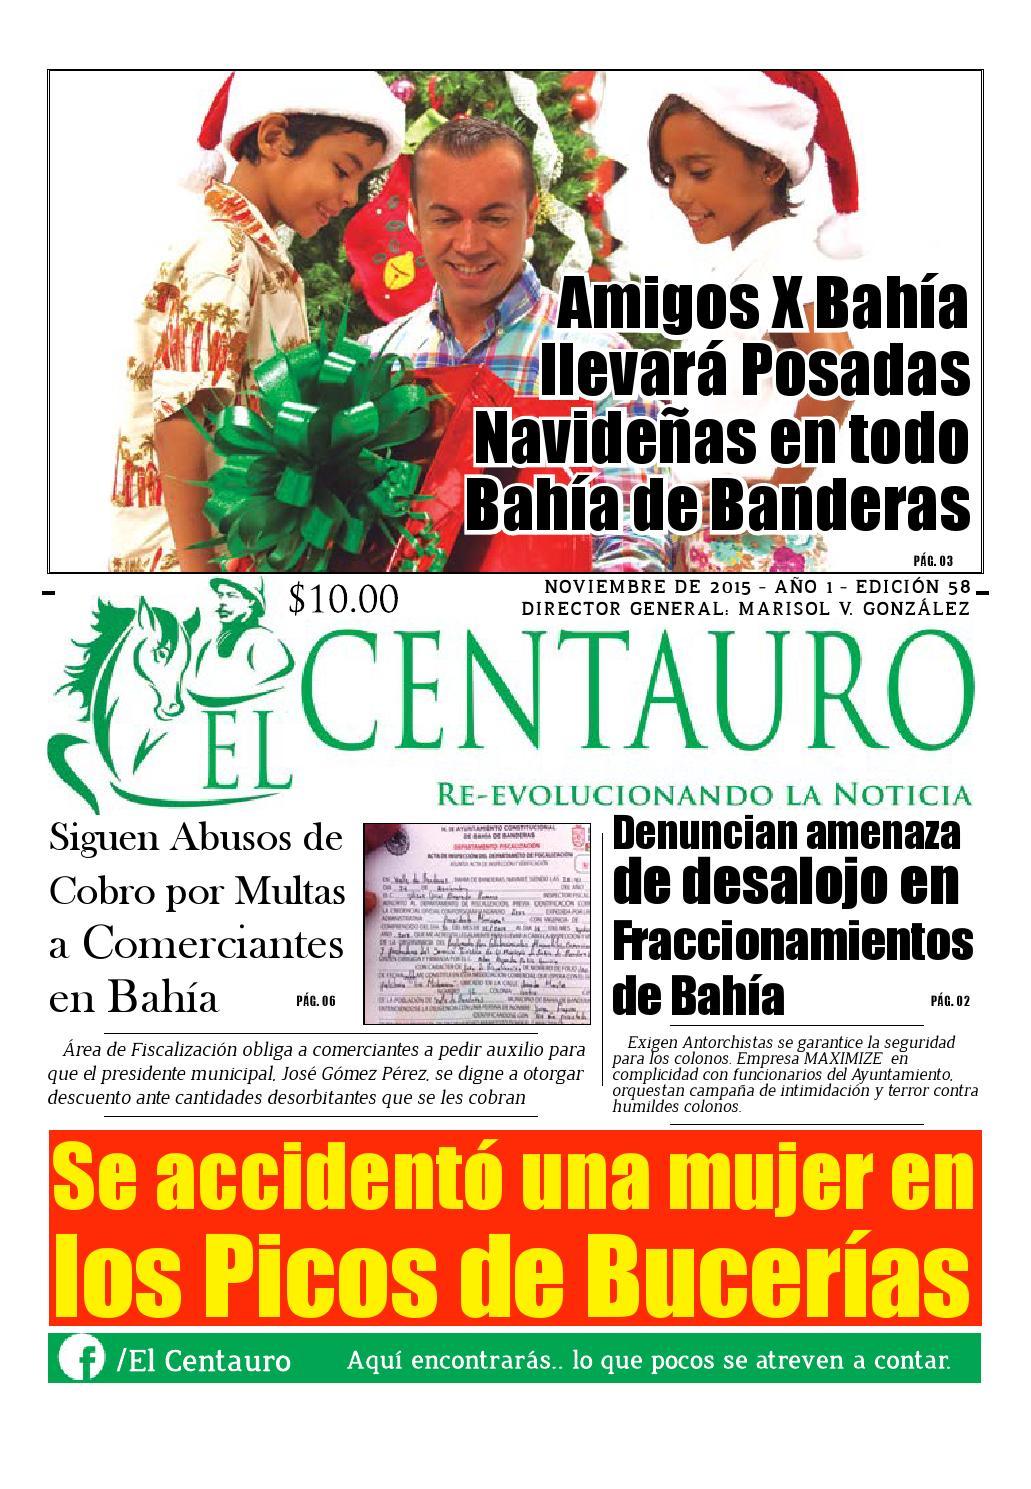 Edicion 58 el centauro by El Centauro - issuu